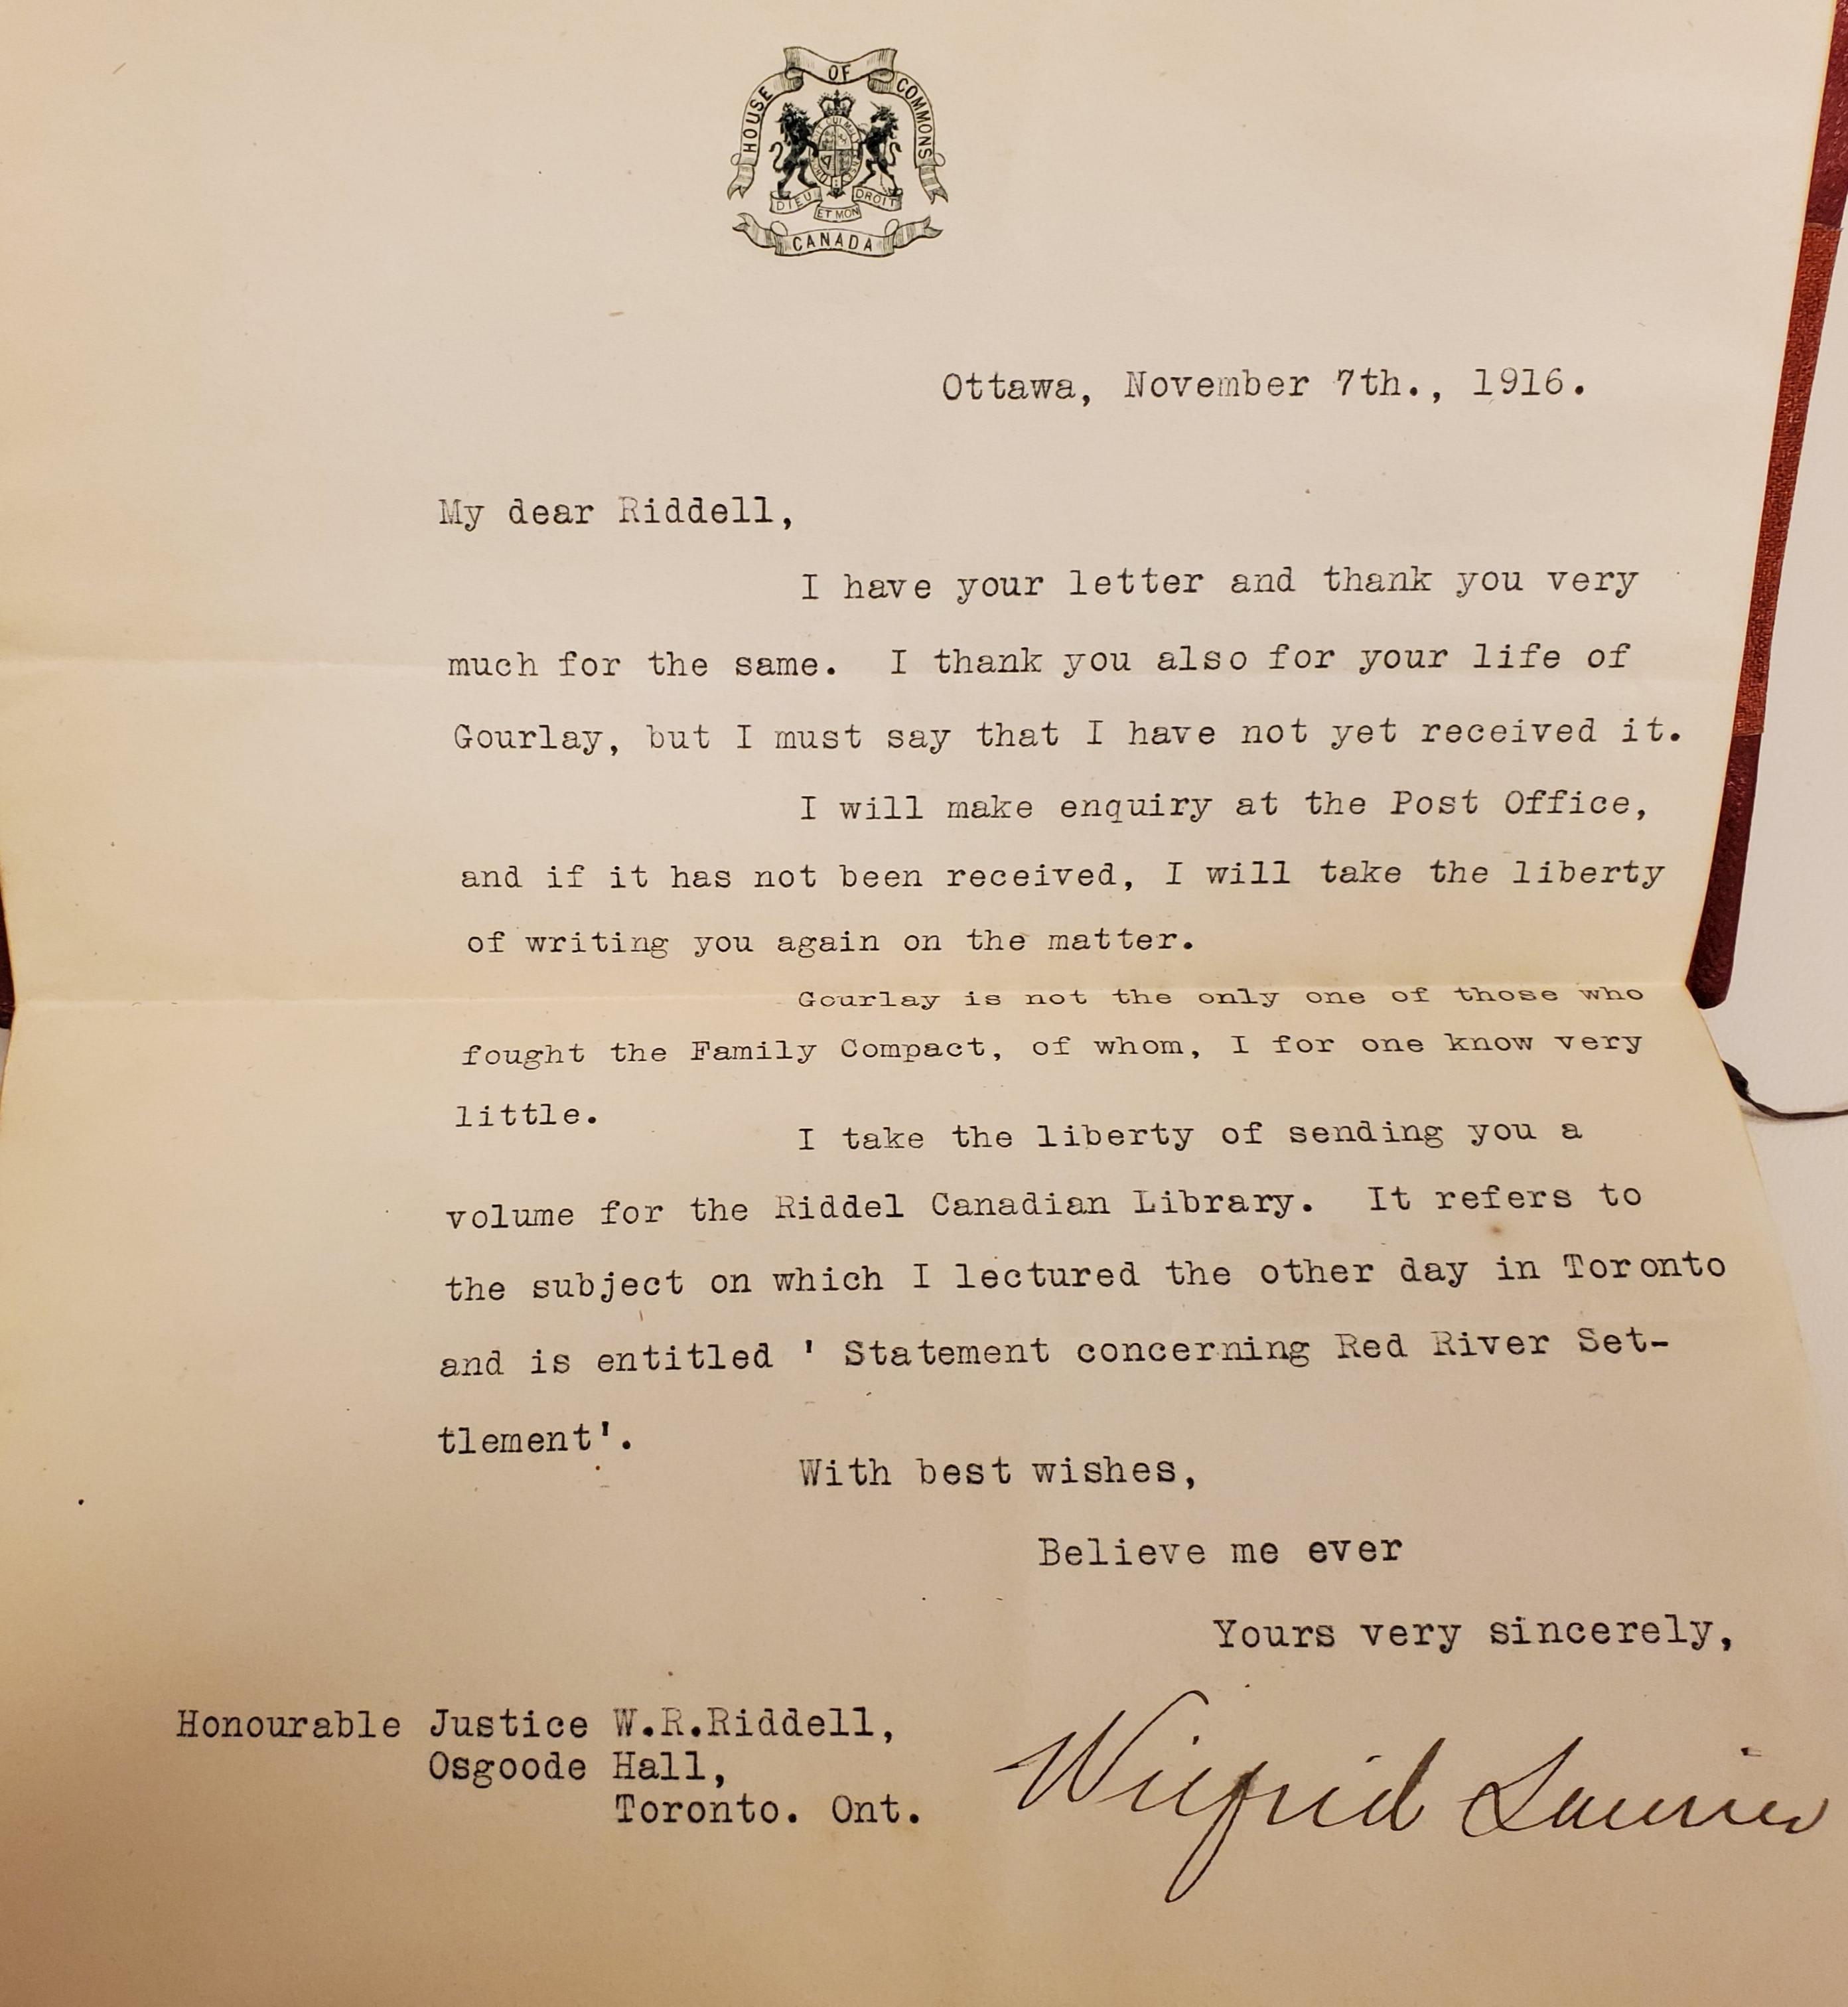 Wilfrid Letter